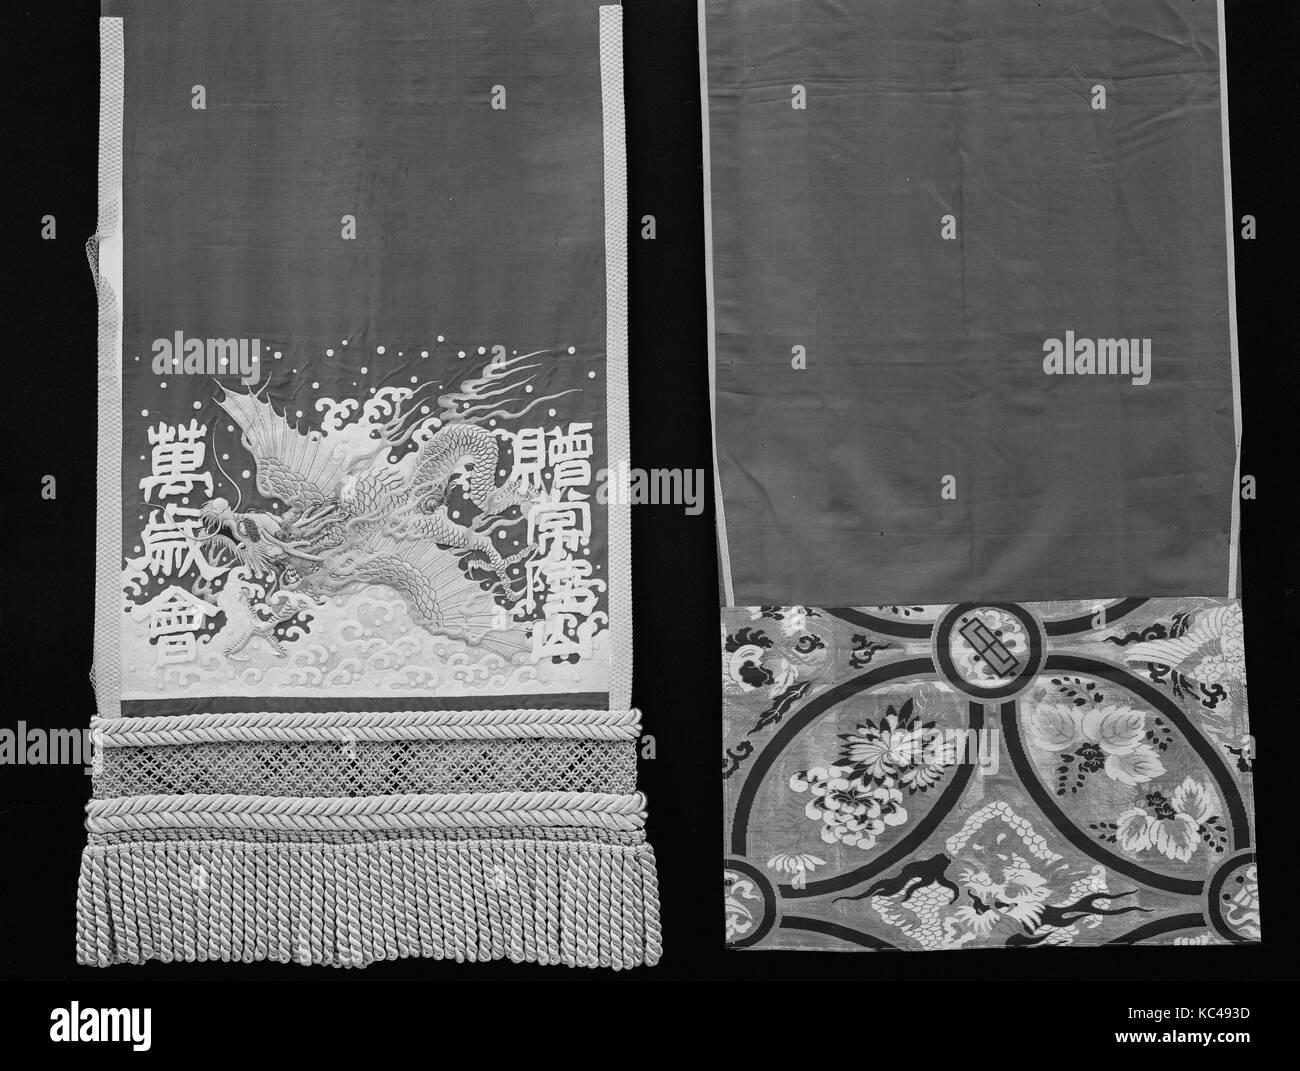 Lottatore di sumo del grembiule cerimoniale (Kesho Mawashi), nei primi anni del XX secolo Immagini Stock